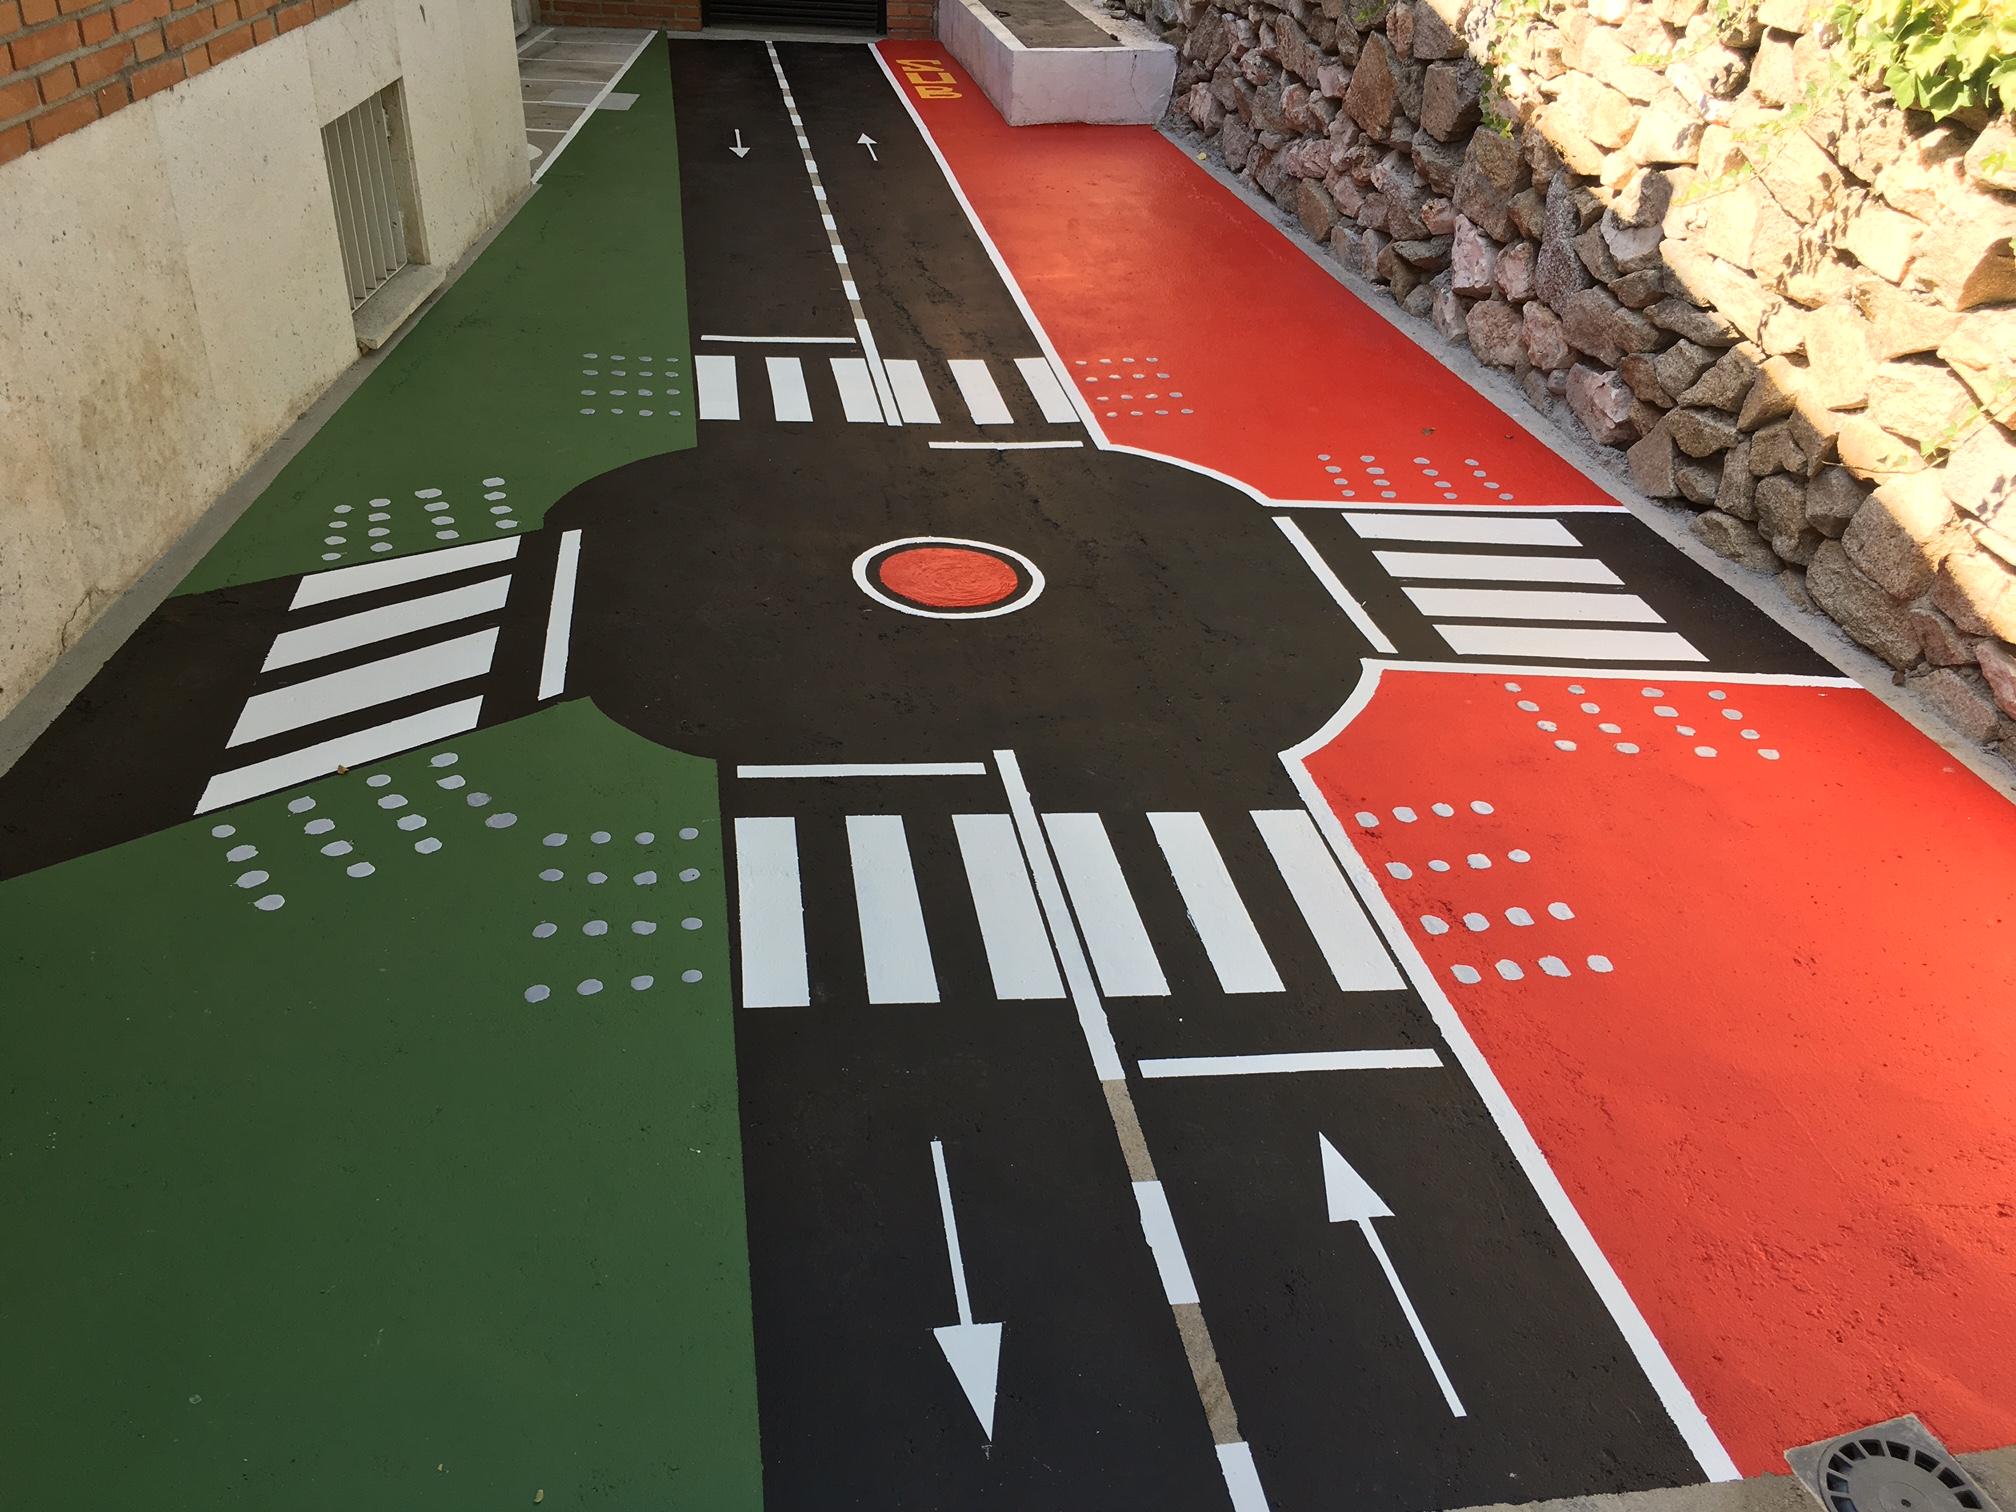 Señalización de parque vial en Madrid